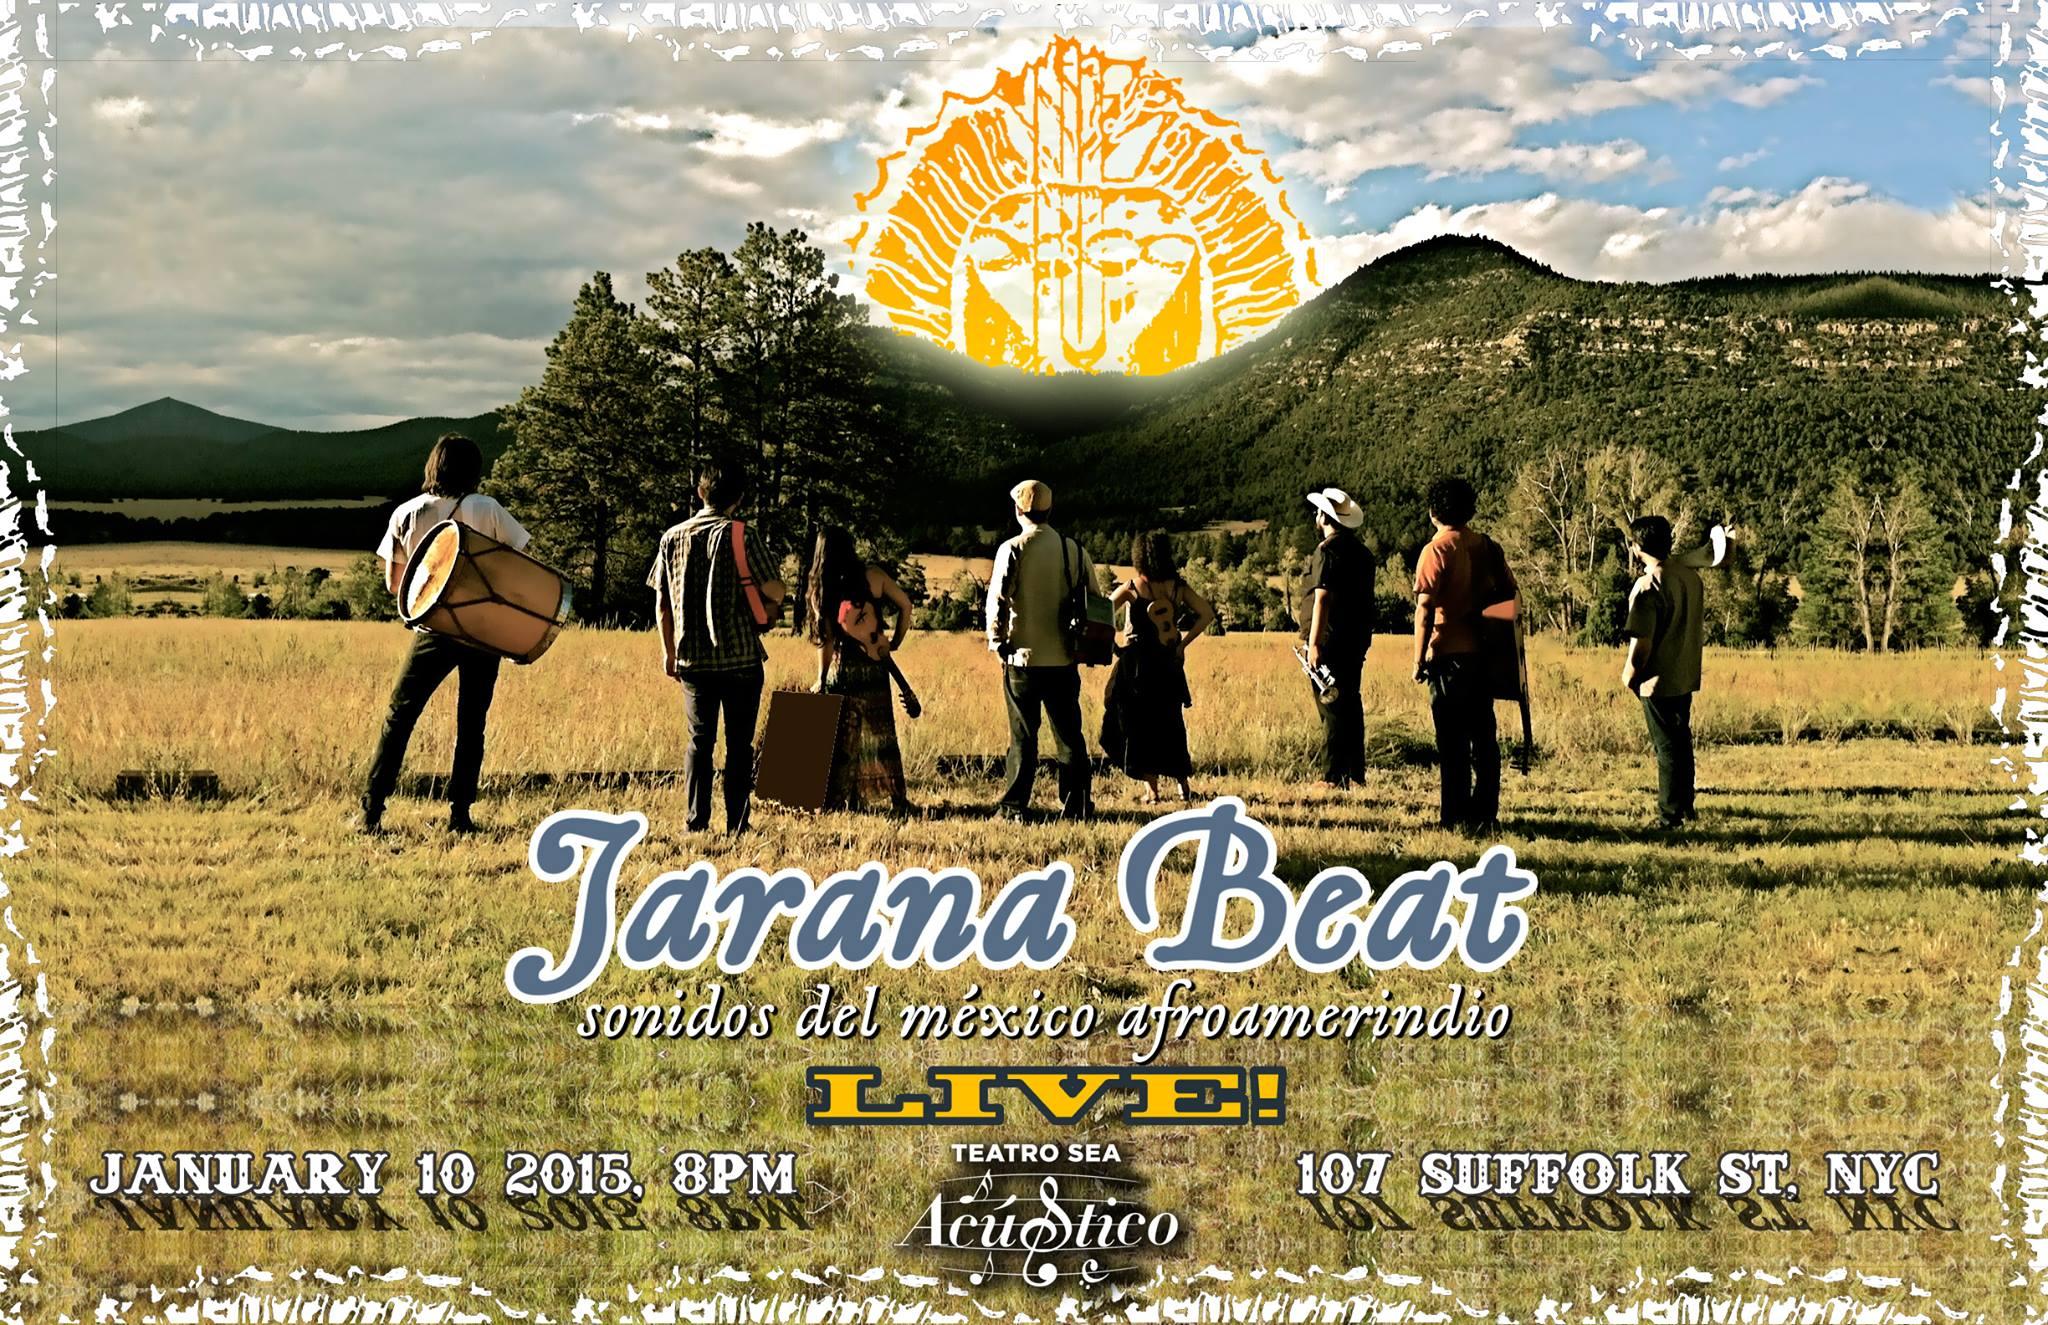 jarana beat 2015